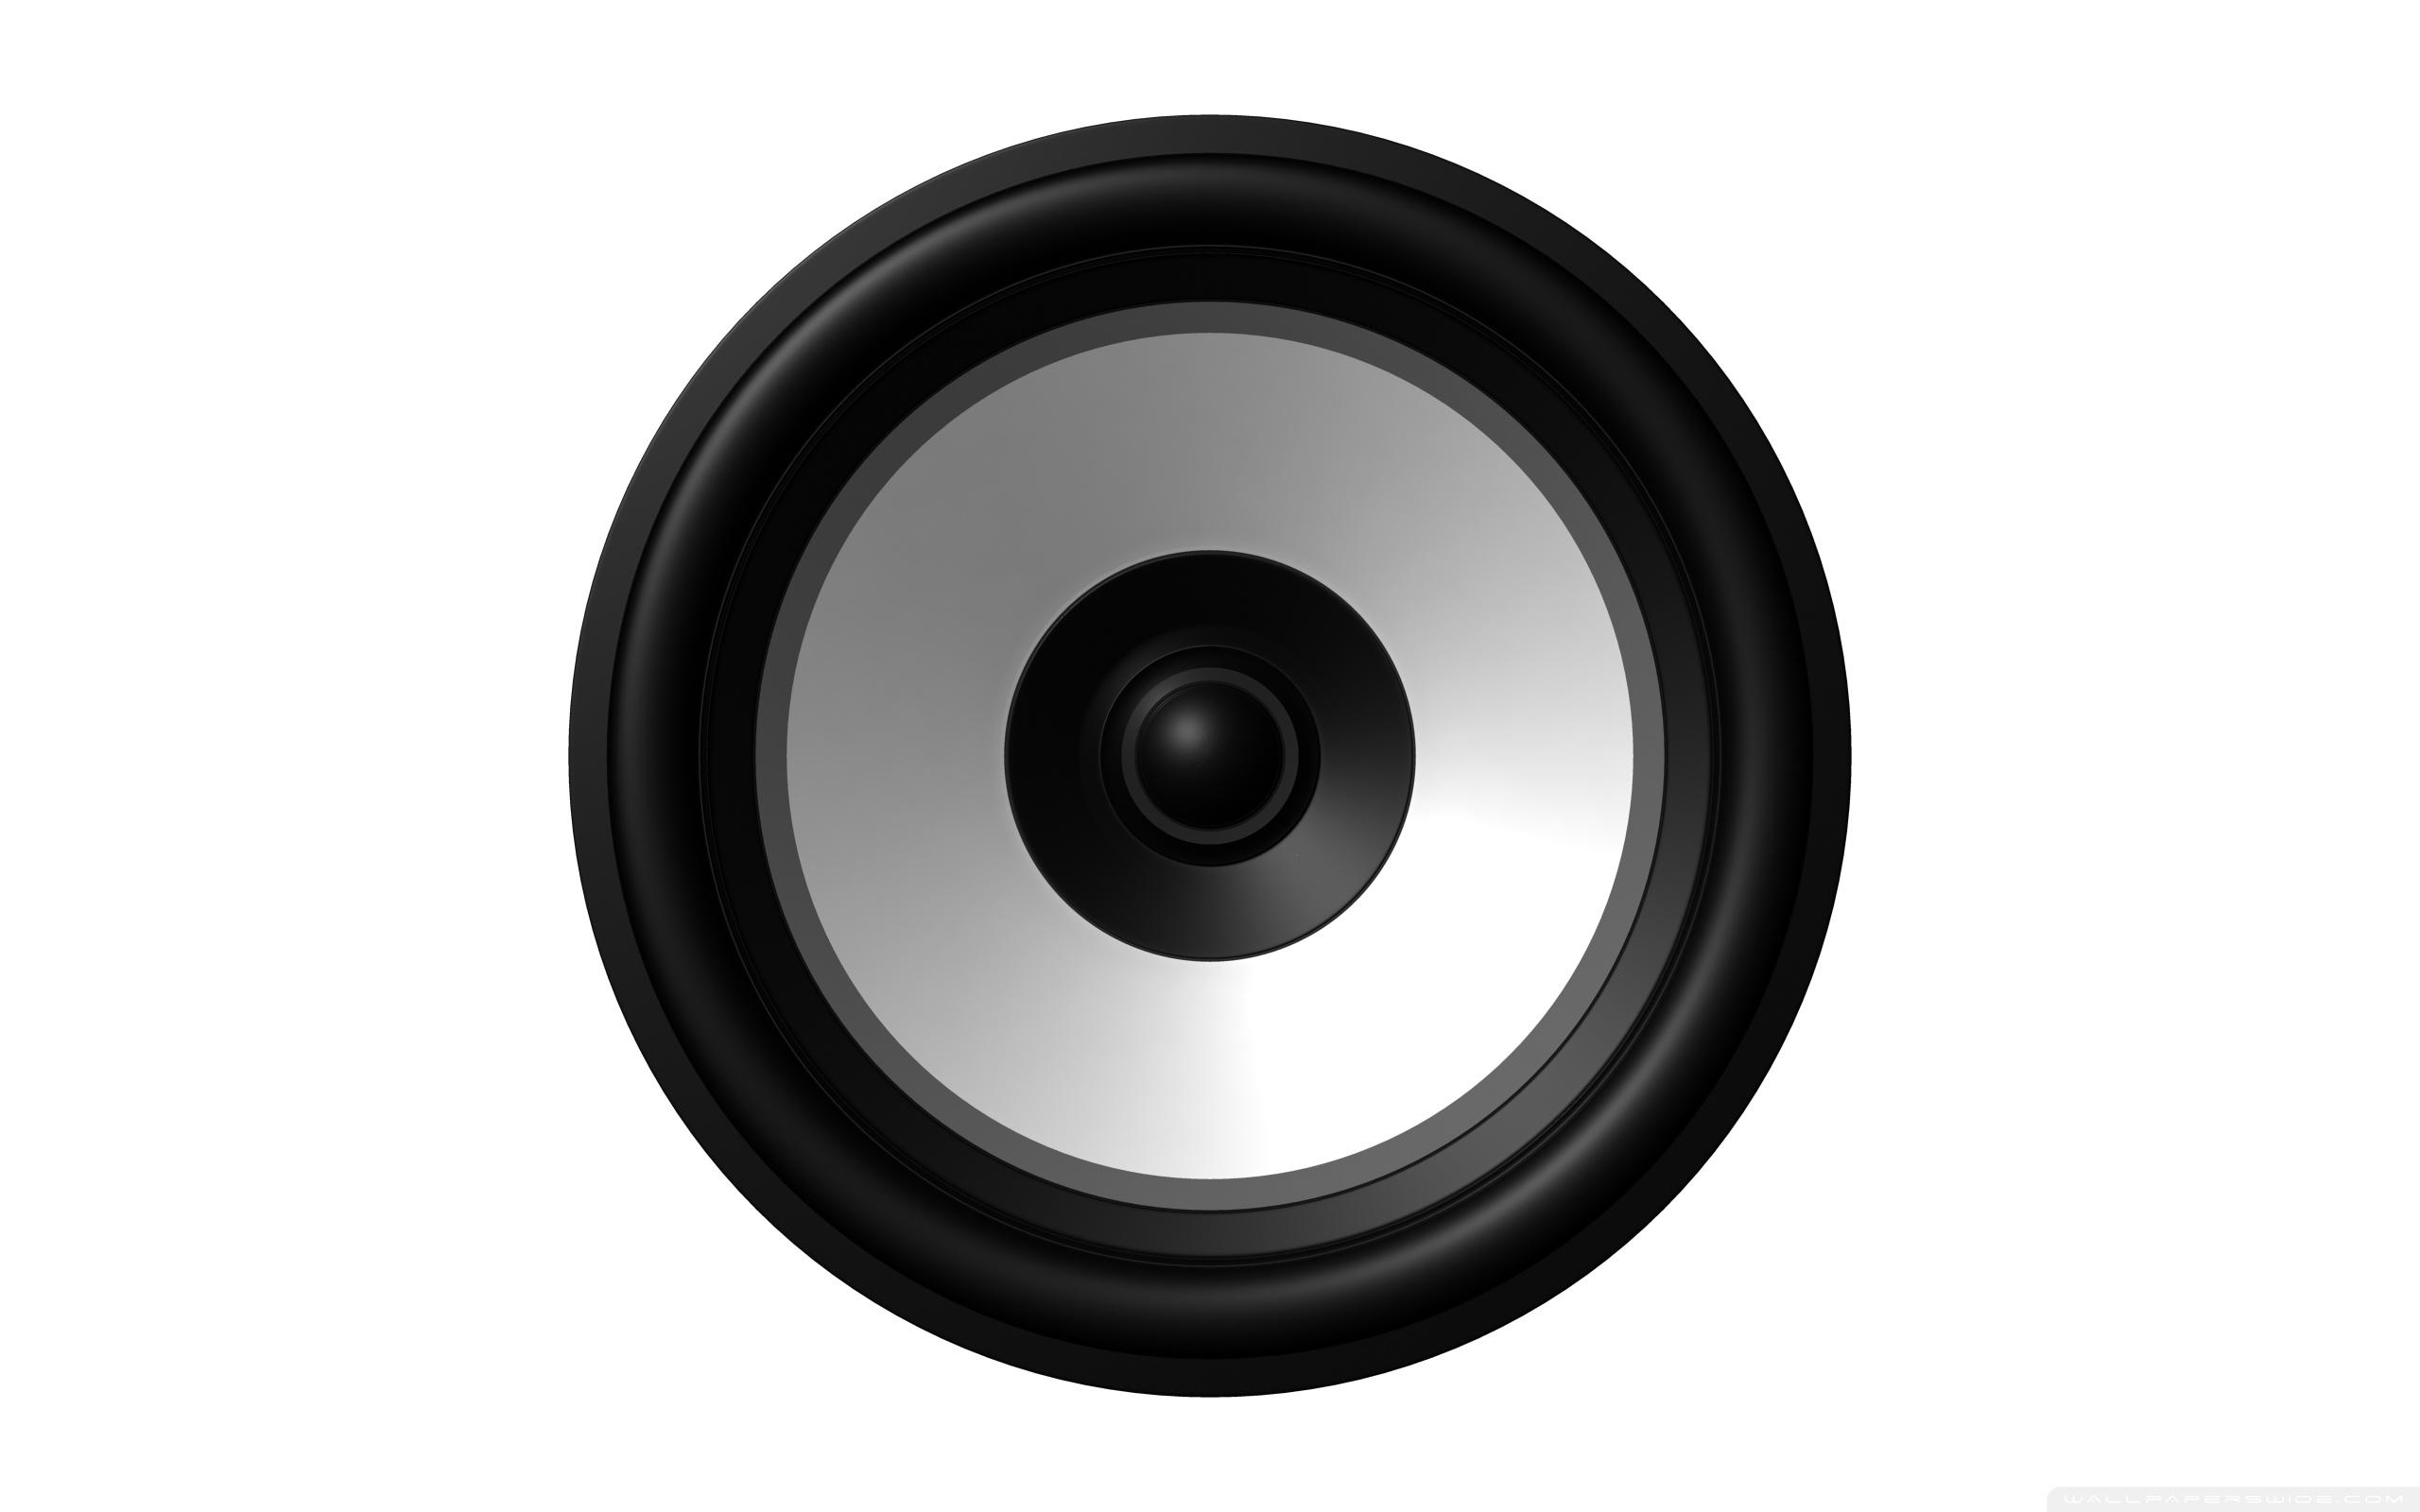 2560x1600 Dj Speakers Vector